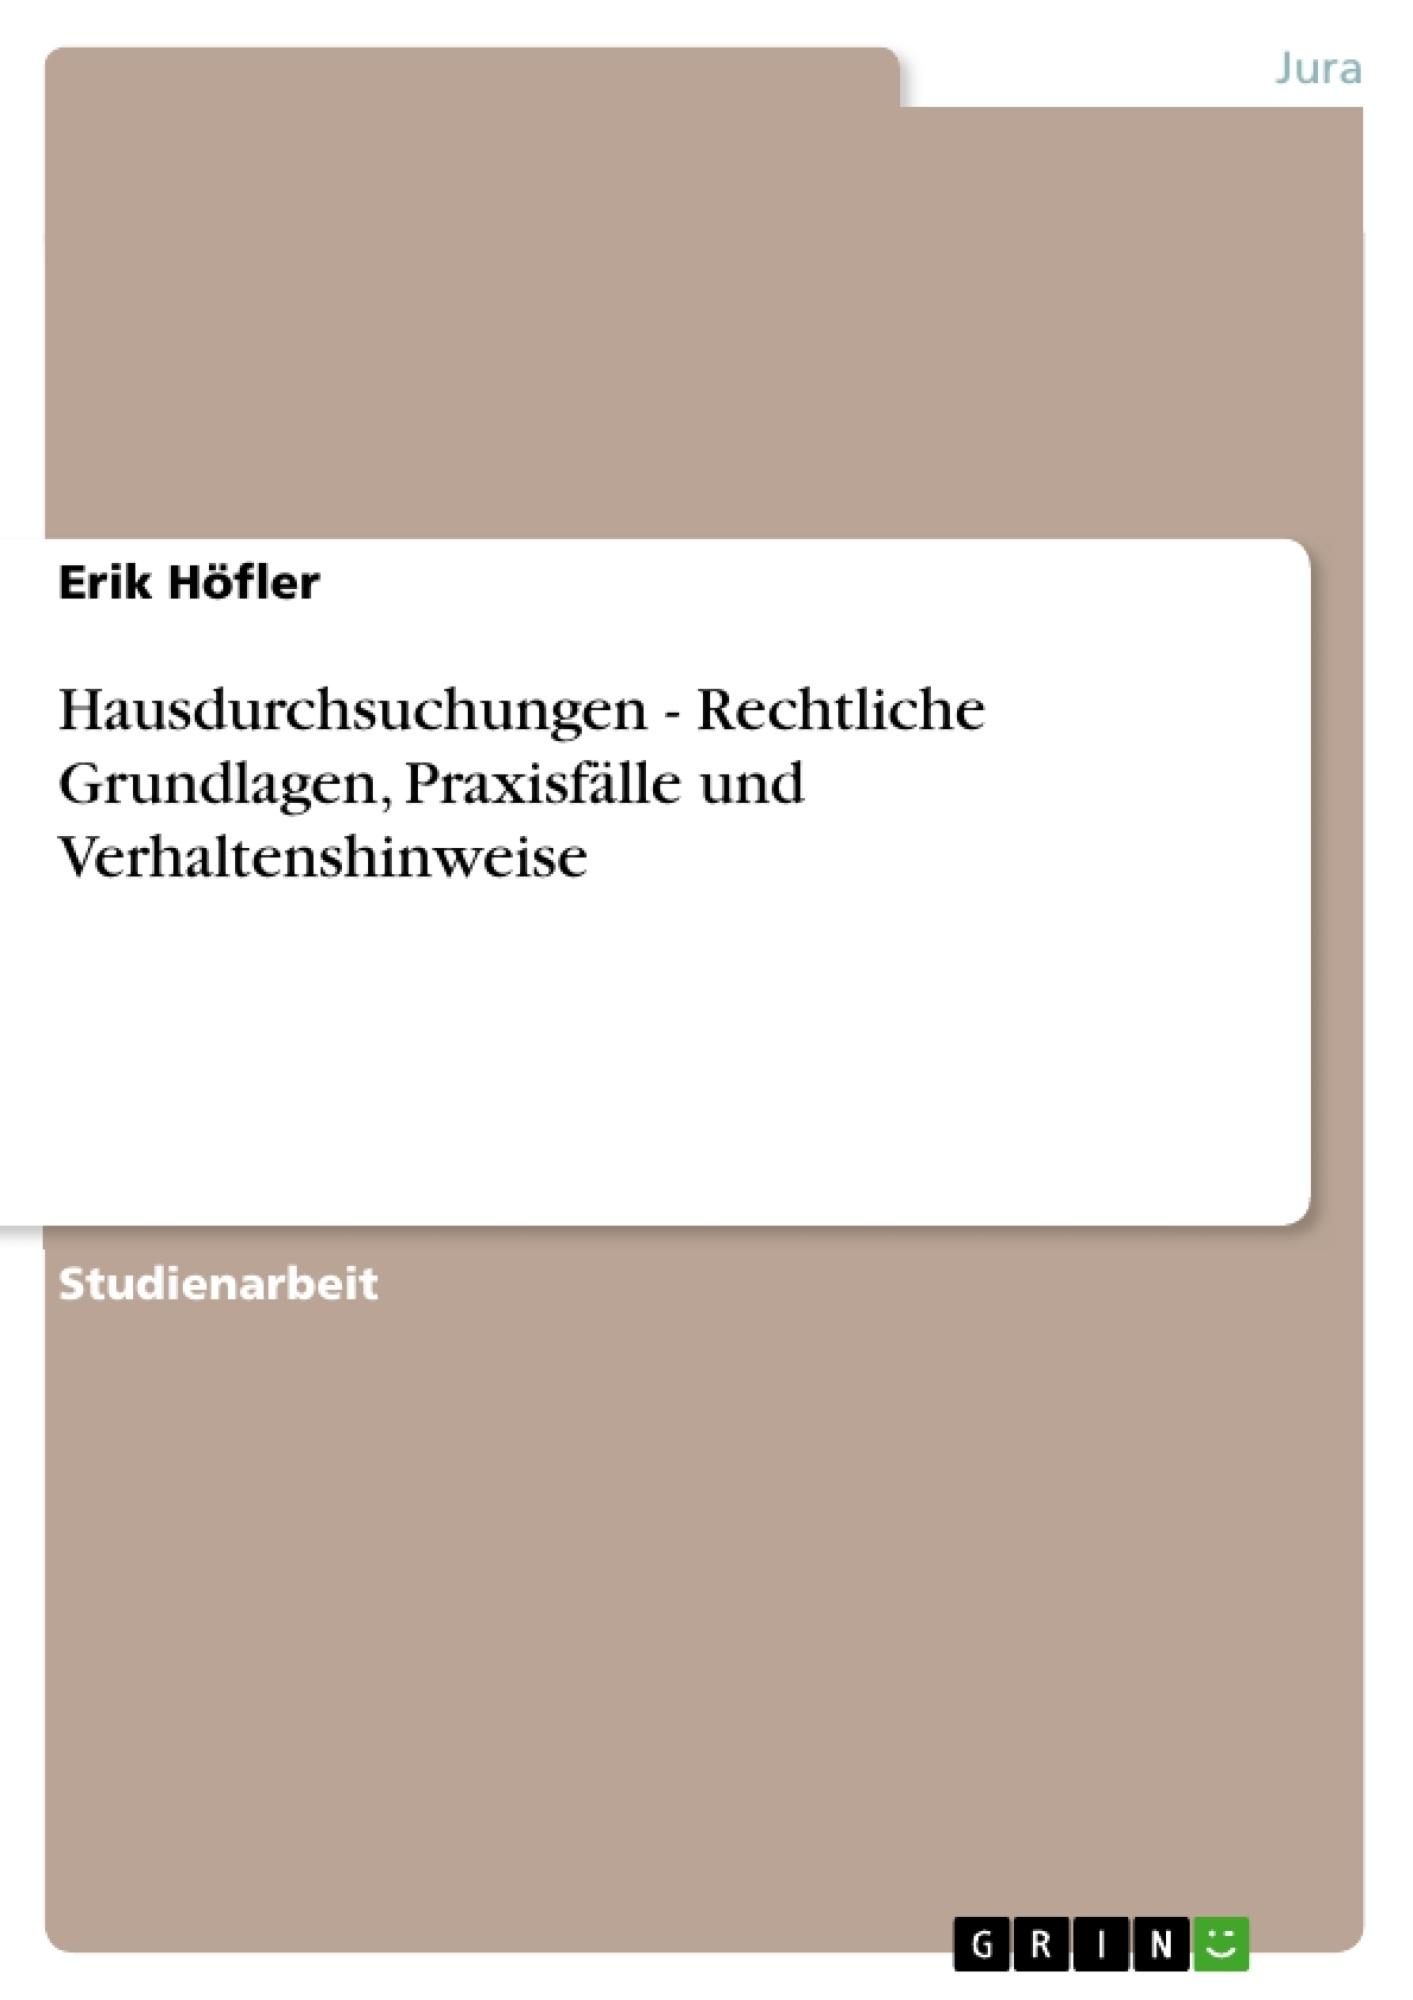 Titel: Hausdurchsuchungen - Rechtliche Grundlagen, Praxisfälle und Verhaltenshinweise